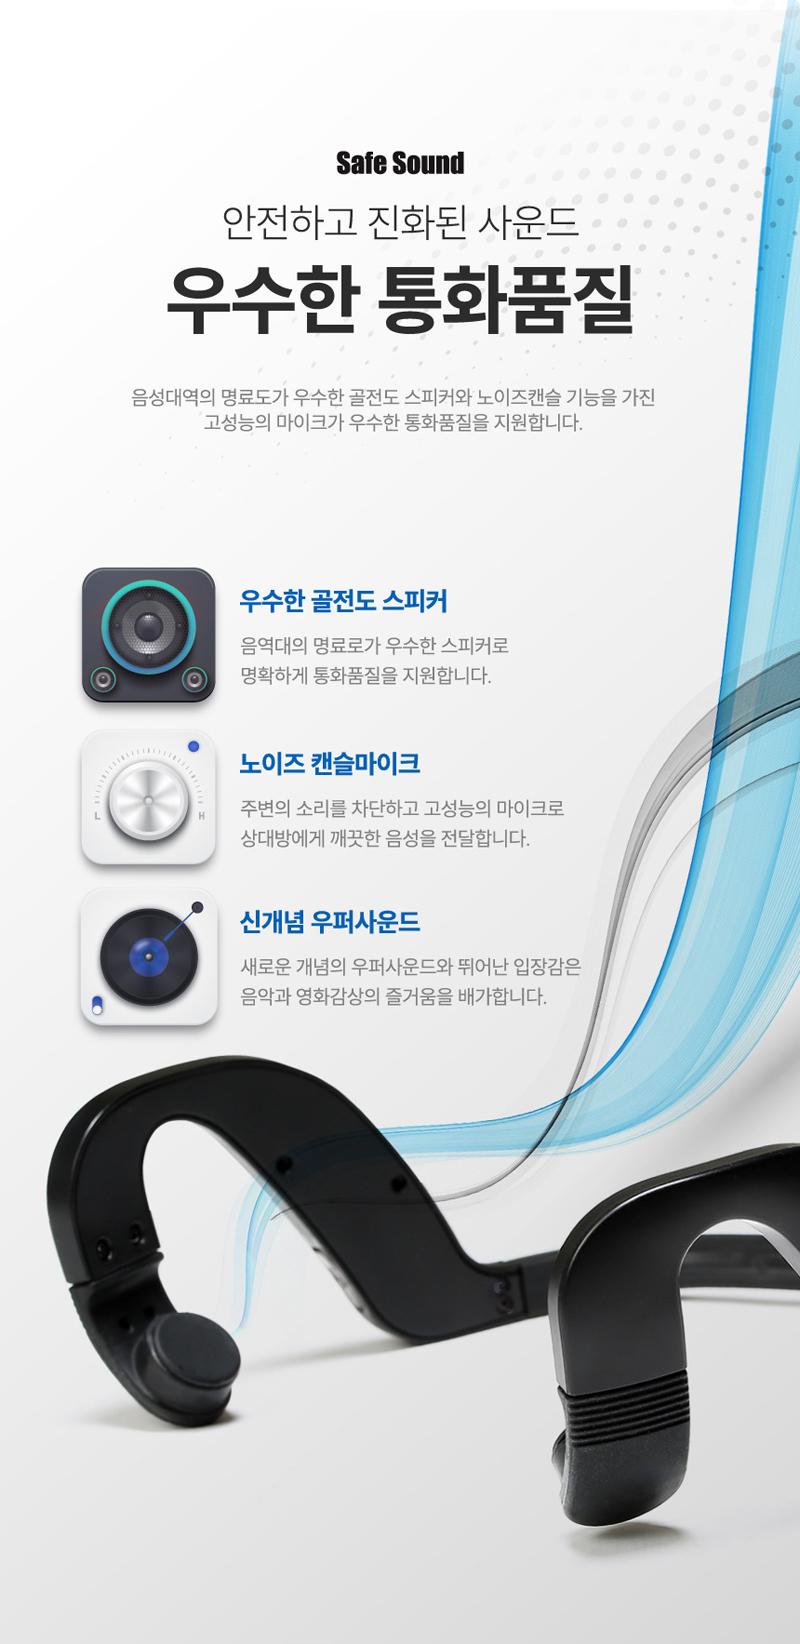 골전도 블루투스헤드셋 EZ5000 - 보니아, 162,000원, 헤드폰, 노이즈캔슬링/블루투스